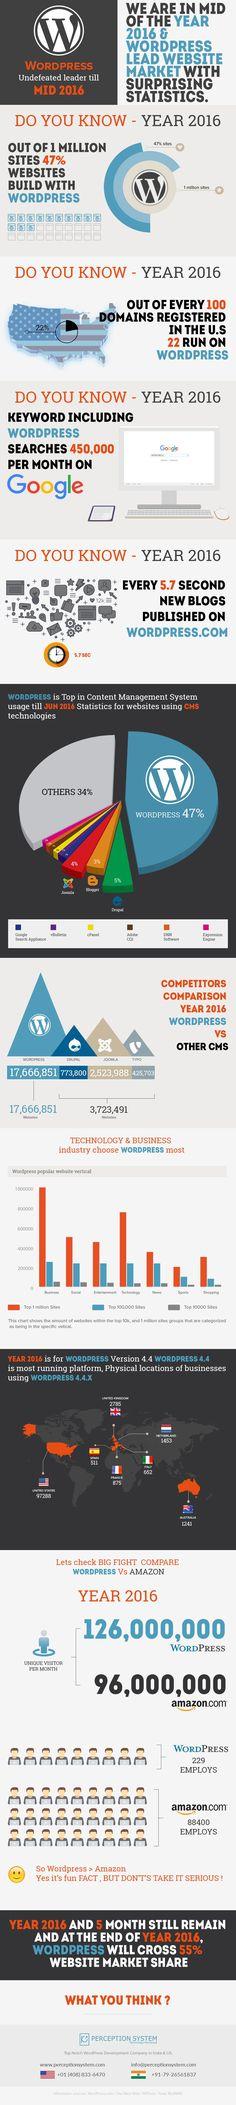 wordpress-najpopularniejszy-cms-2016-infografika.jpg (900×8030)